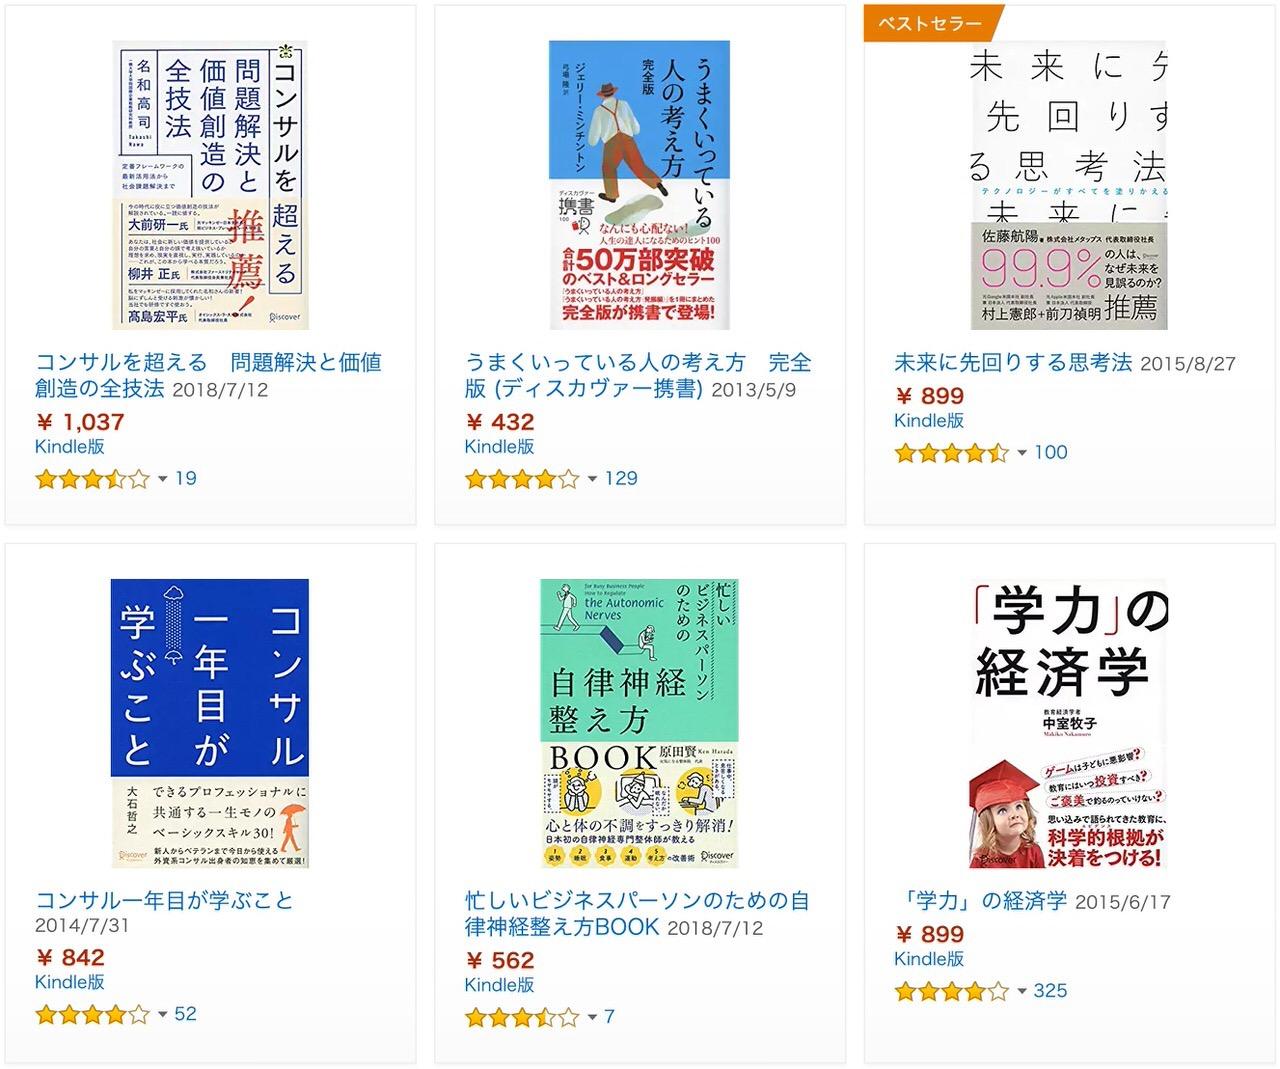 【Kindleセール】35%OFF「ディスカヴァー・トゥエンティワン 新発見!学びのビジネス・自己啓発書フェア」(2/14まで)